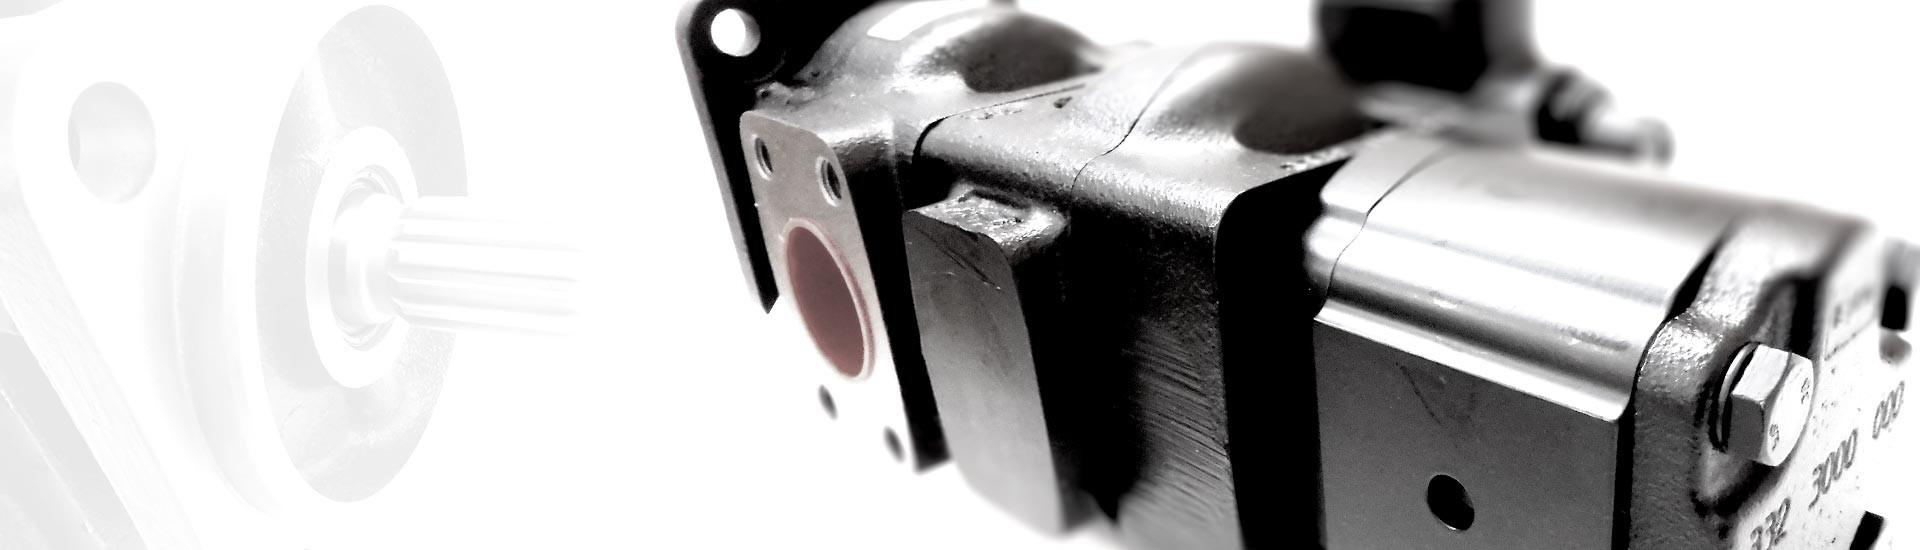 Hydraulic Pumps for JCB